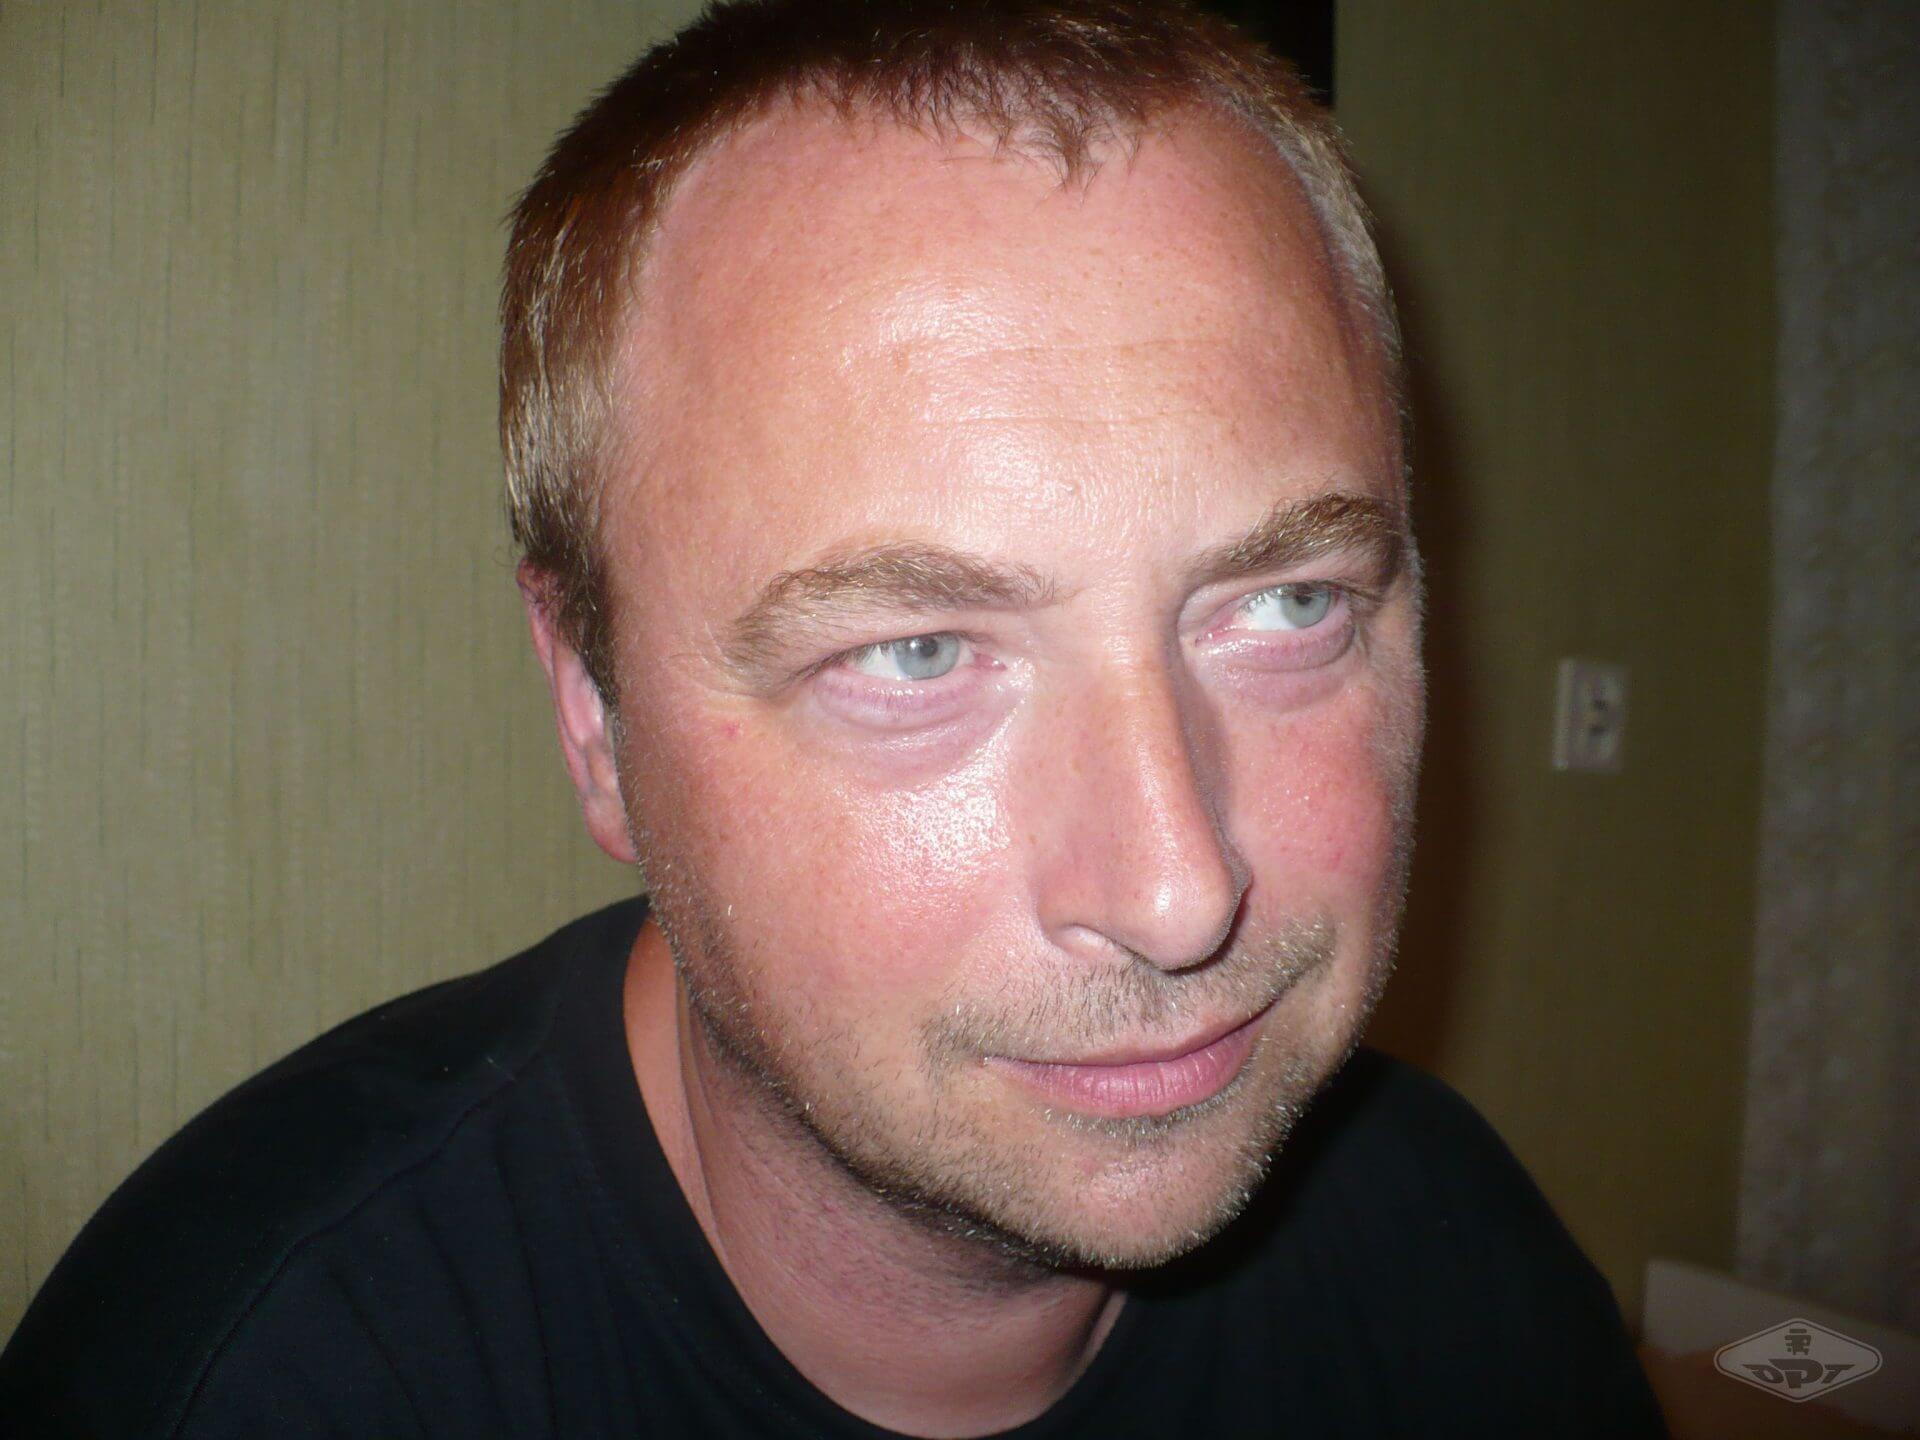 Robert Kościelny